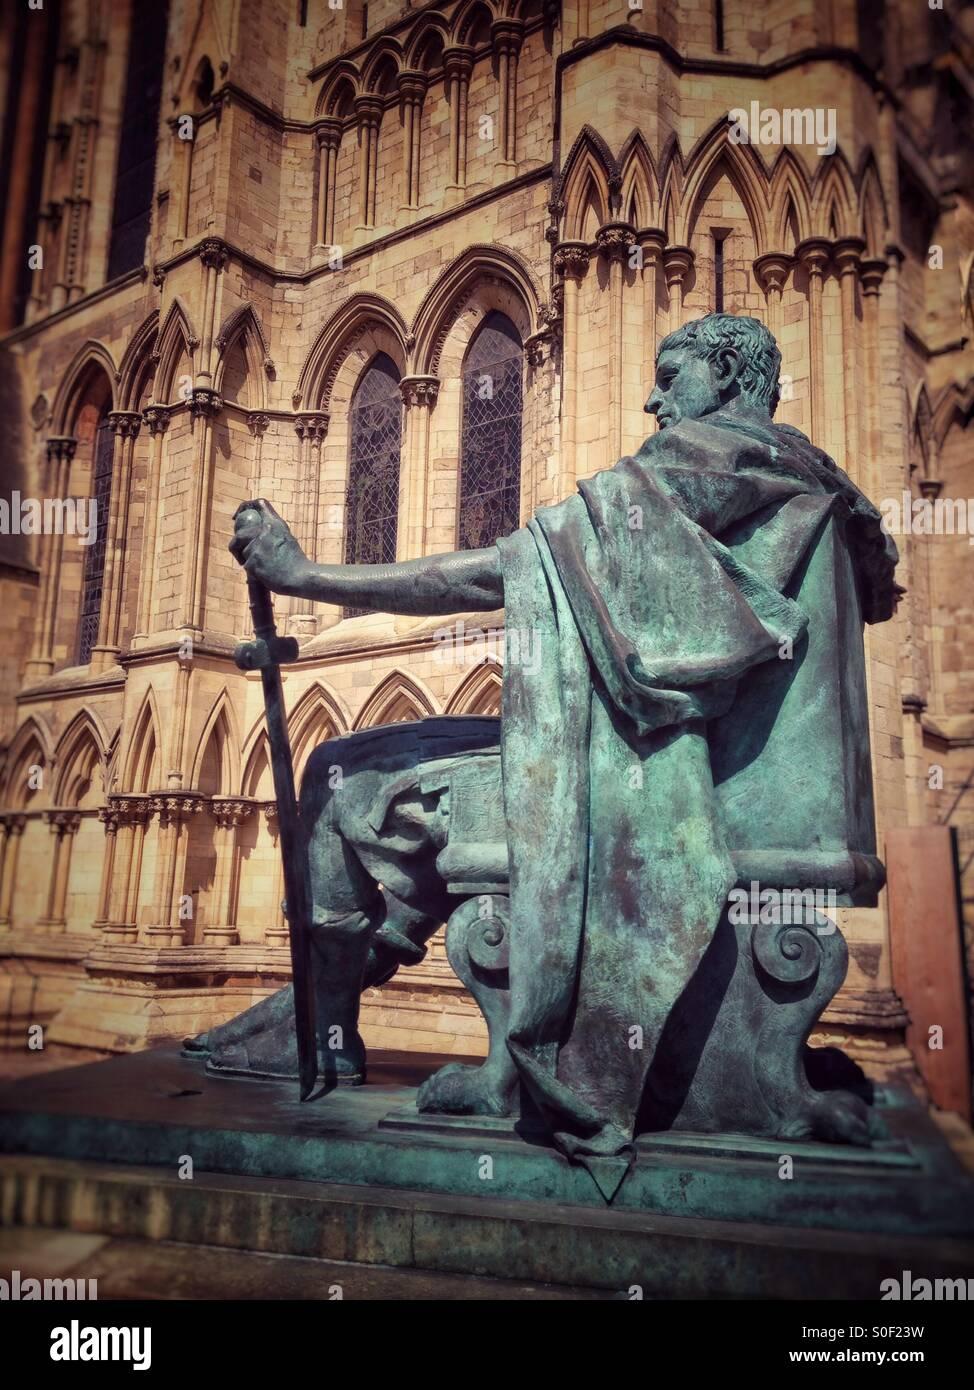 L'empereur Constantin statue à l'extérieur d'un soleil, la cathédrale de York, Yorkshire Photo Stock